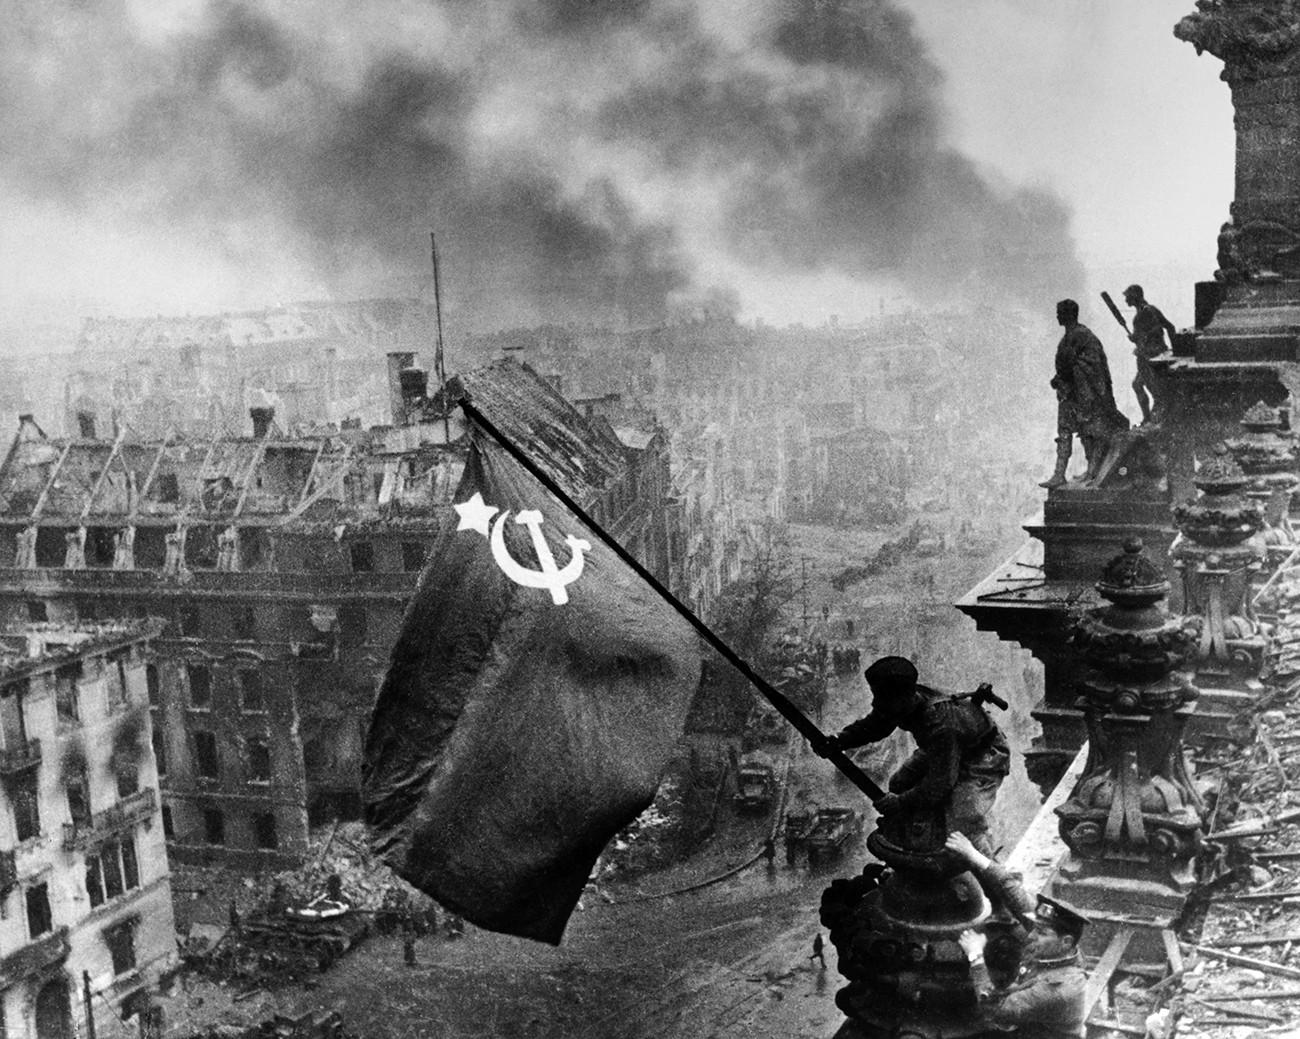 Постављање заставе на Рајхстаг. Берлин, 1945.